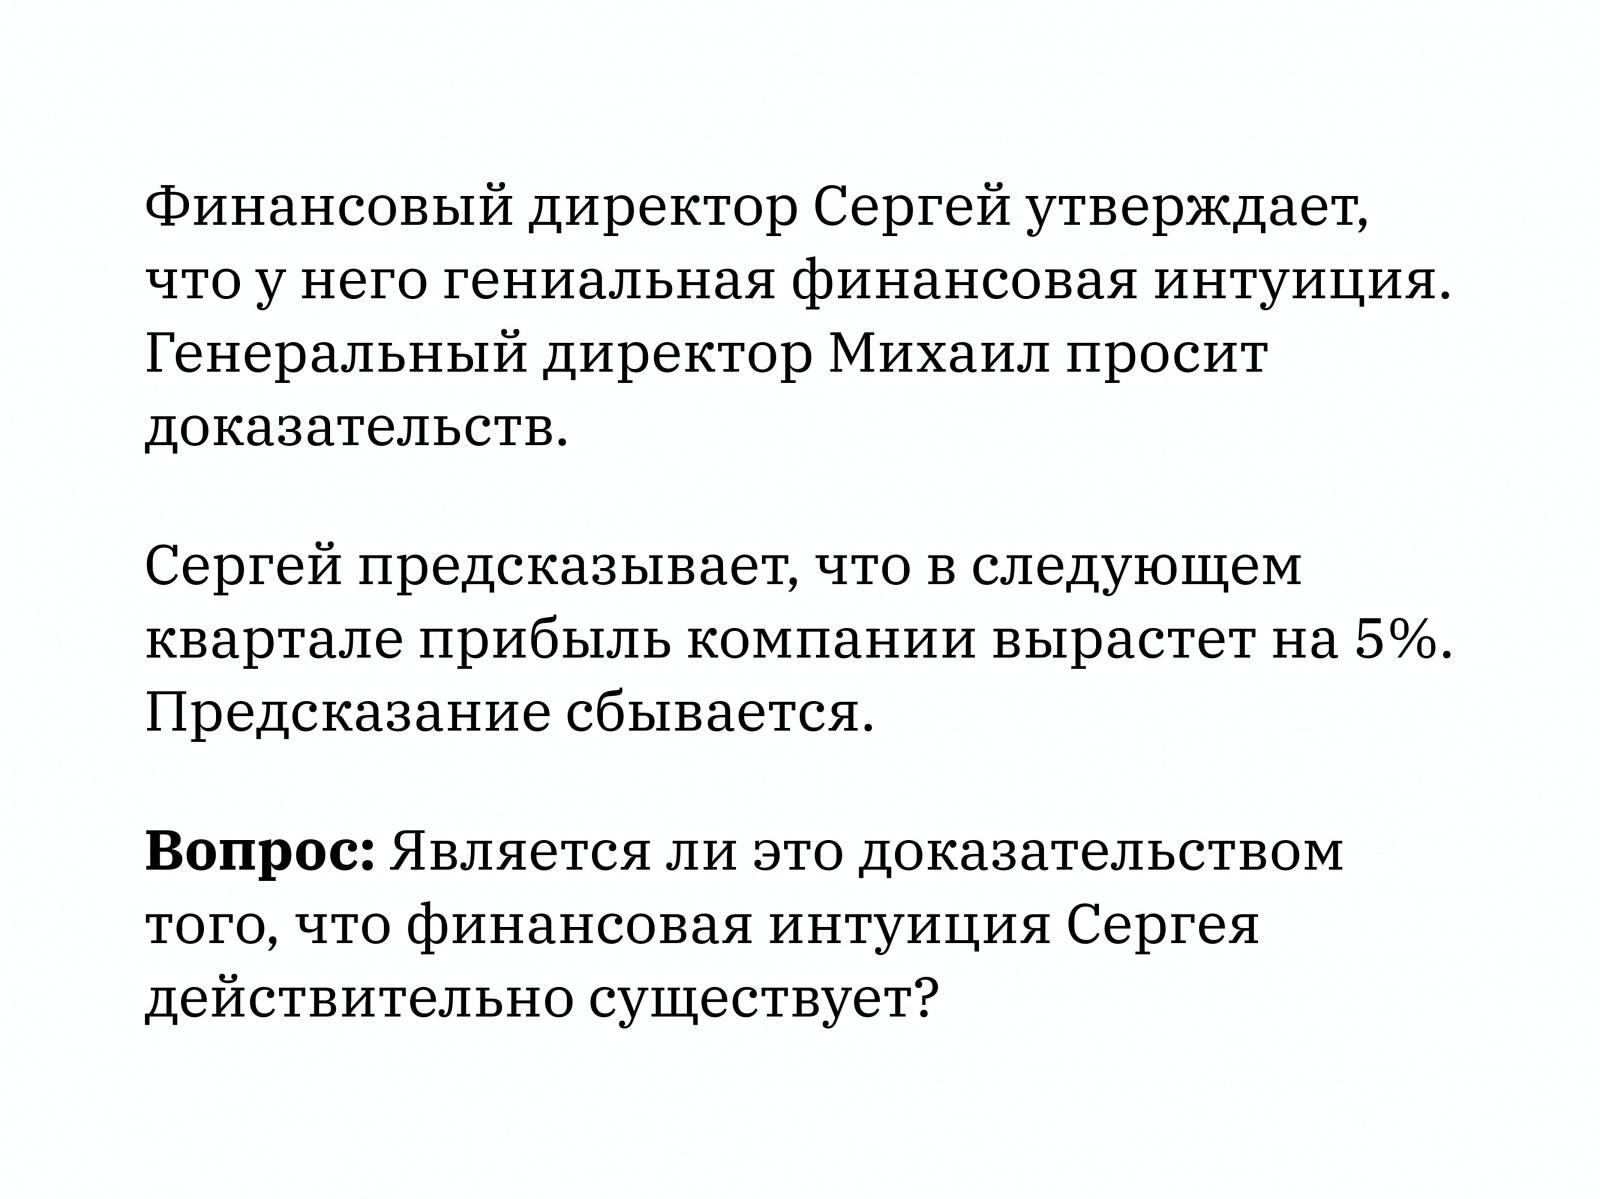 Алексей Каптерев: Критическое мышление 101 (часть 2) - 69